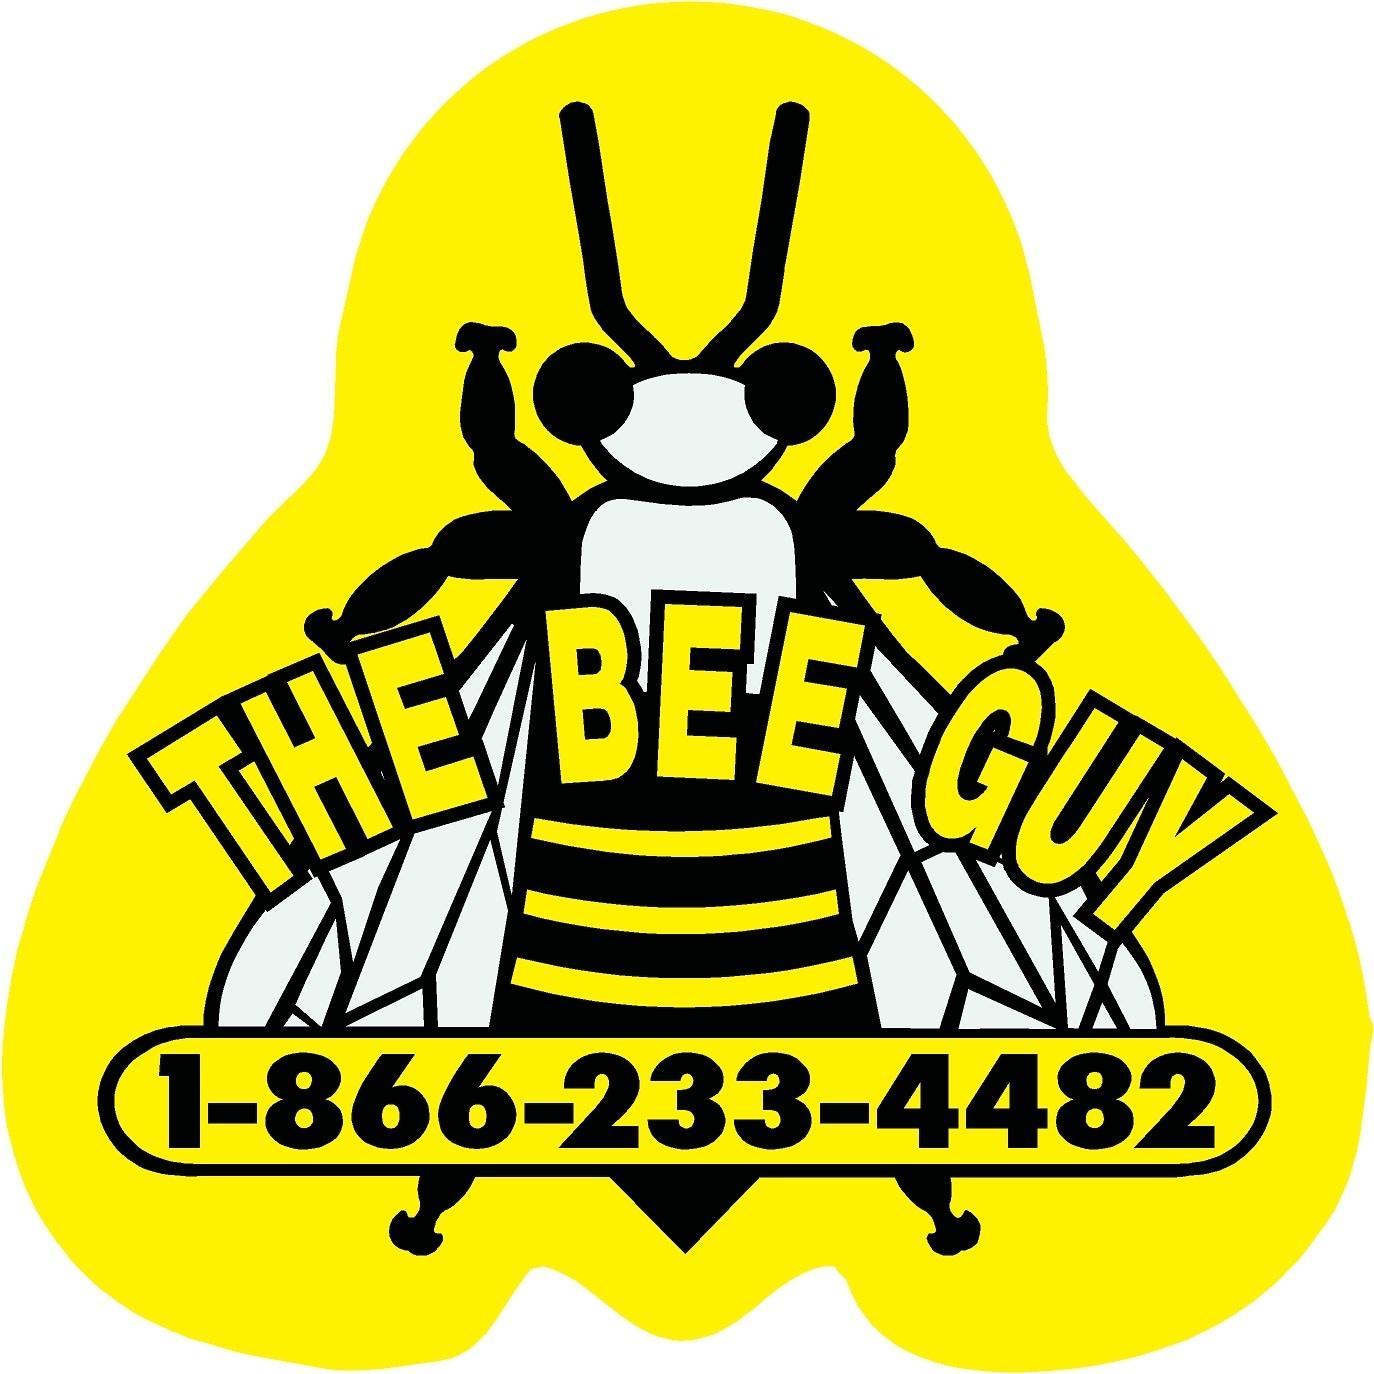 The Bee Guy LLC